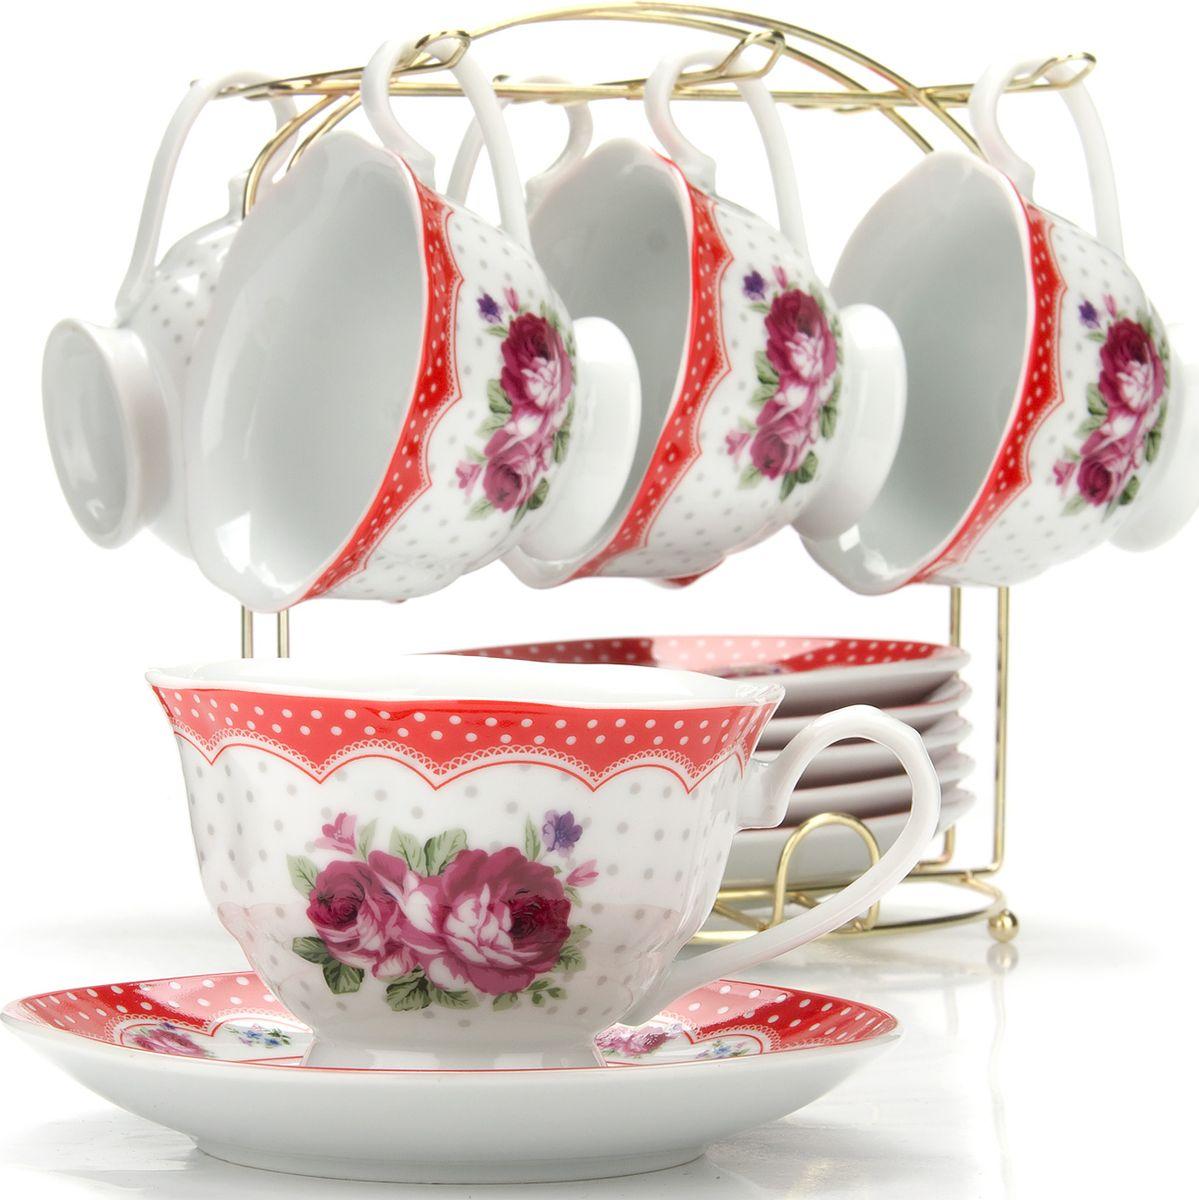 Сервиз чайный Loraine, на подставке, 13 предметов. 4329225943Чайный набор состоит из шести чашек, шести блюдец и металлической подставки. Предметы набора изготовлены из качественного фарфора и оформлены красочным рисунком. Чайный набор идеально подойдет для сервировки стола и станет отличным подарком к любому празднику. Все изделия можно компактно хранить на подставке, входящей в набор. Подходит для мытья в посудомоечной машине.Диаметр чашки: 9,5 см.Высота чашки: 6,5 см.Объем чашки: 180 мл.Диаметр блюдца: 14 см.